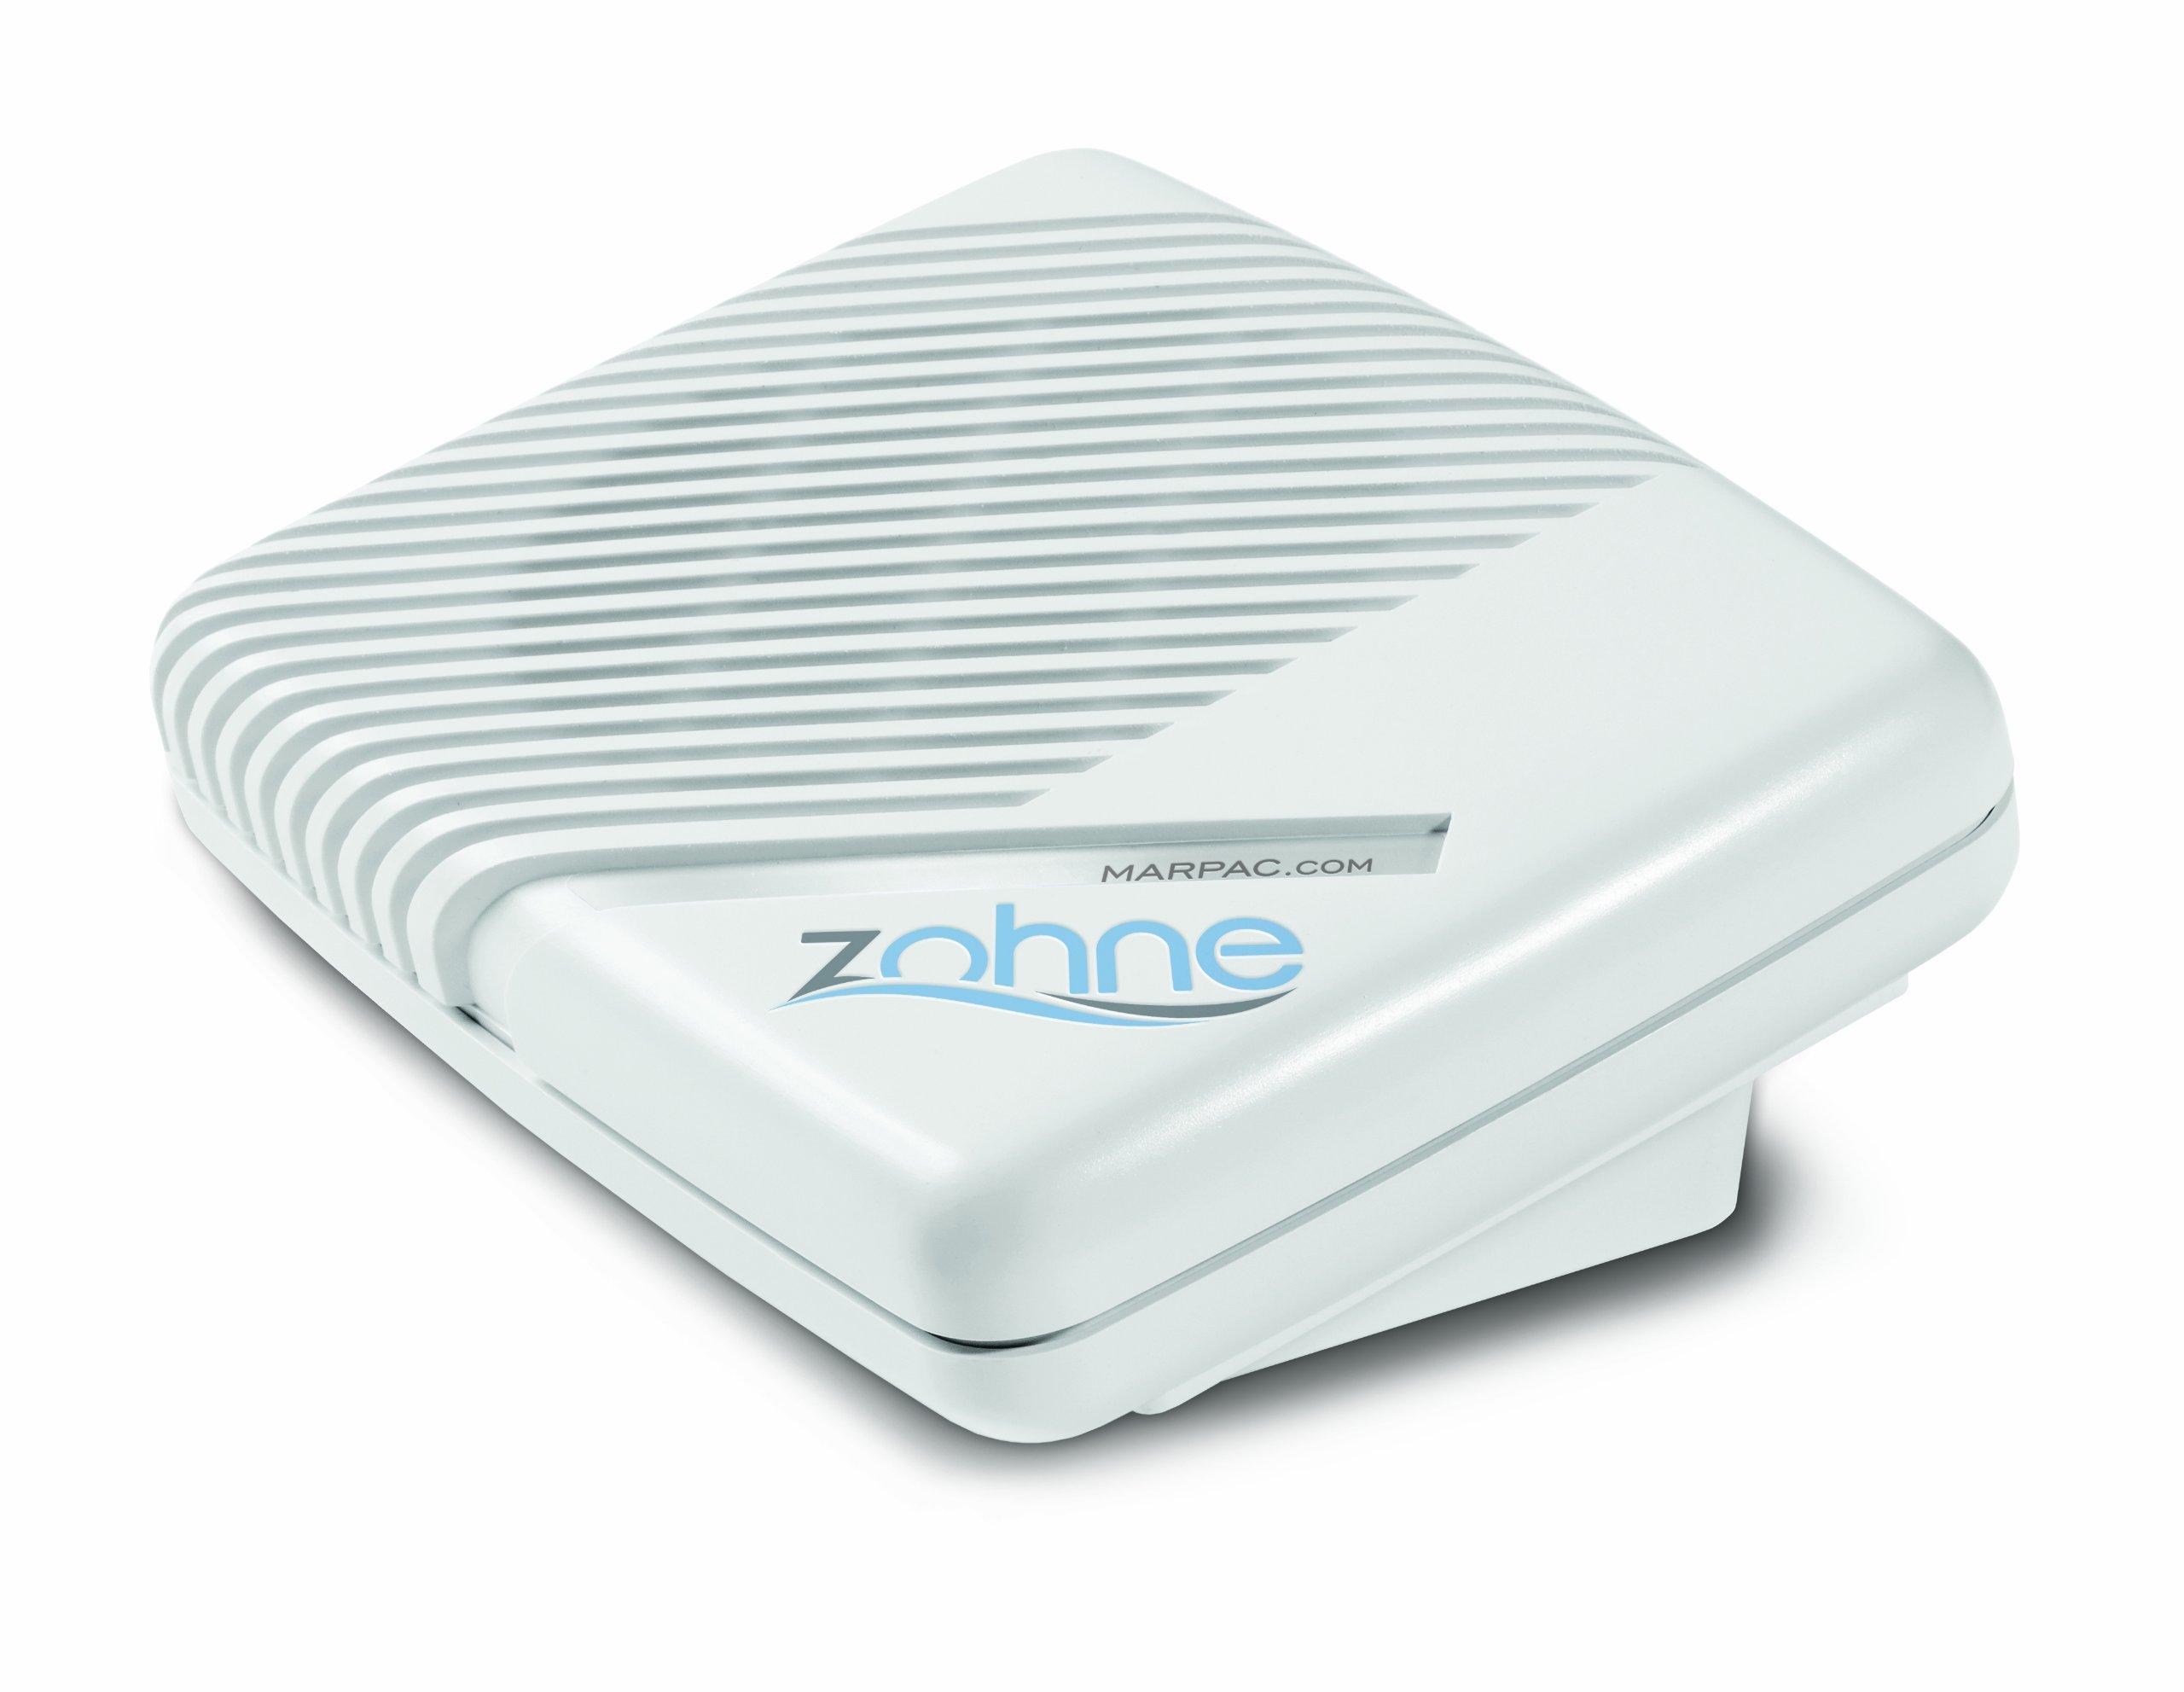 Marpac Zohne Portable Sound Conditioner, White